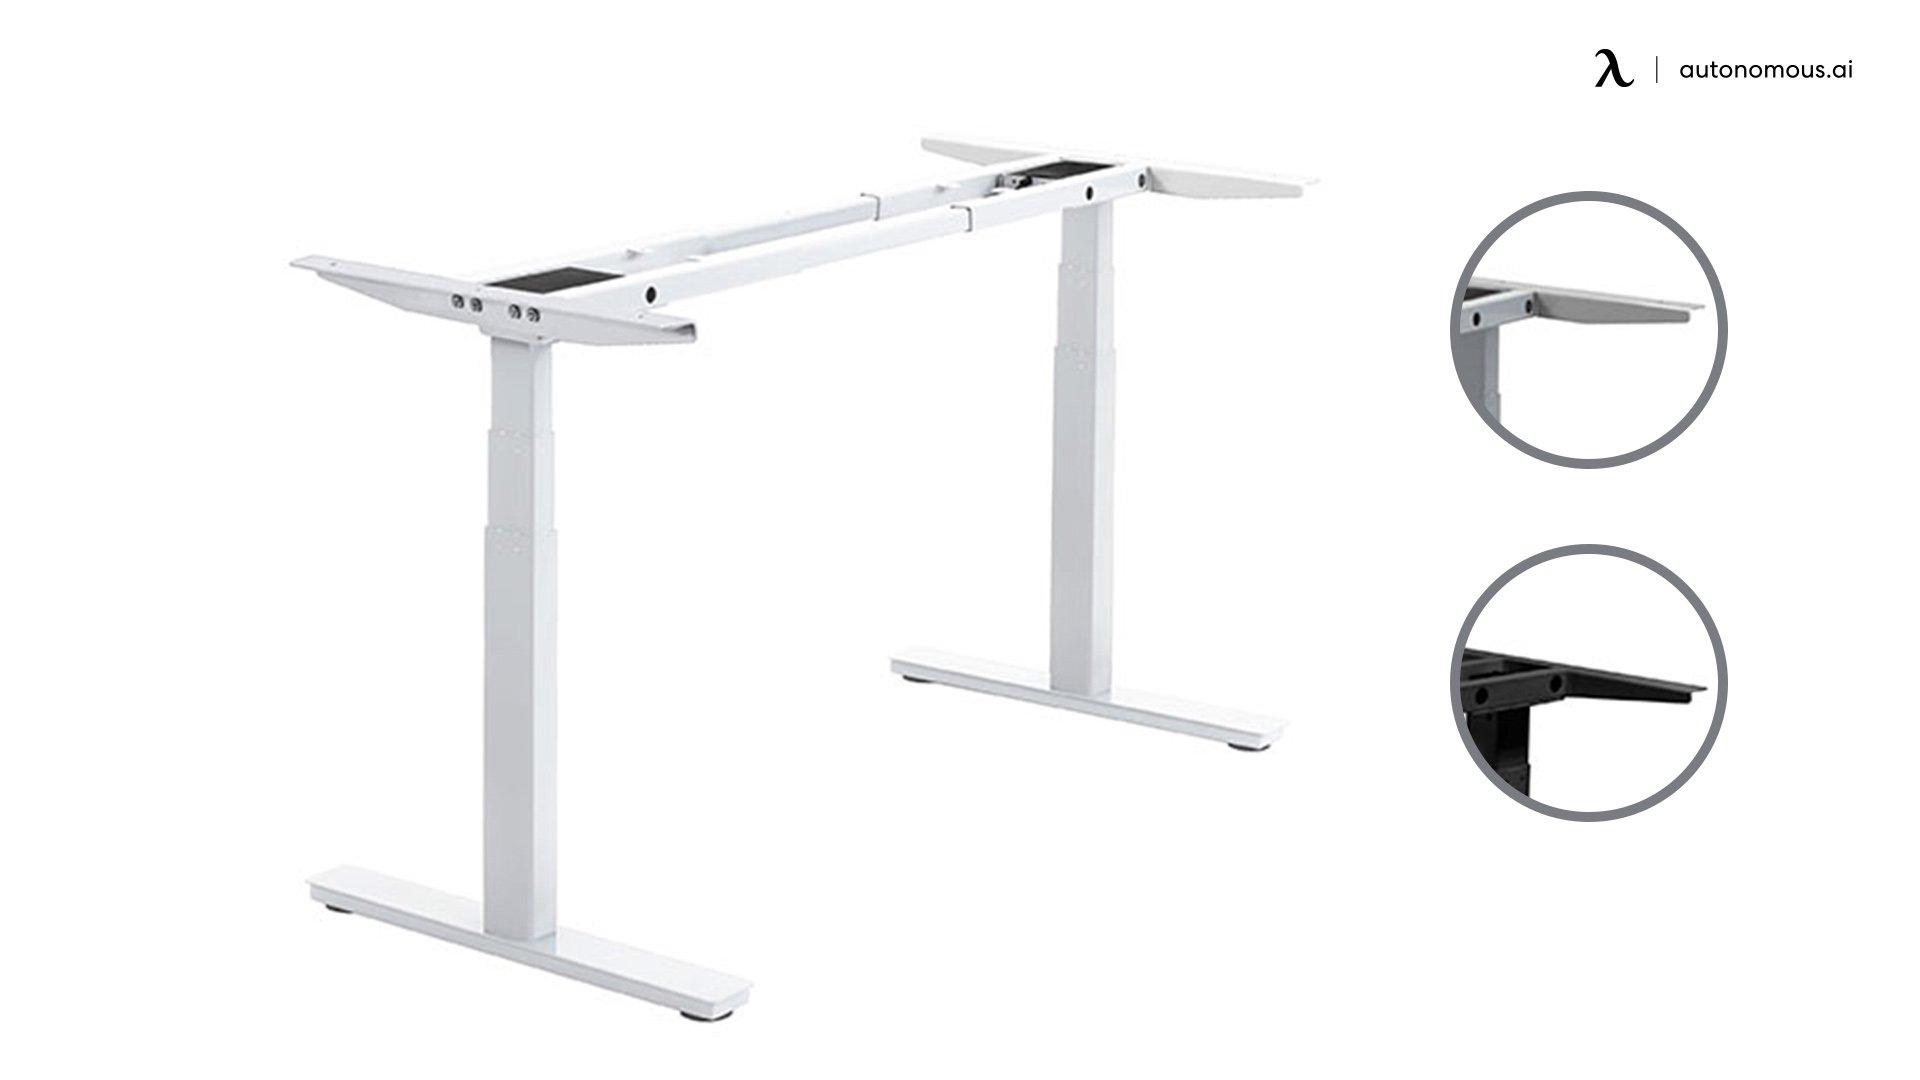 Autonomous DIY SmartDesk Electric Standing Desk Under $500